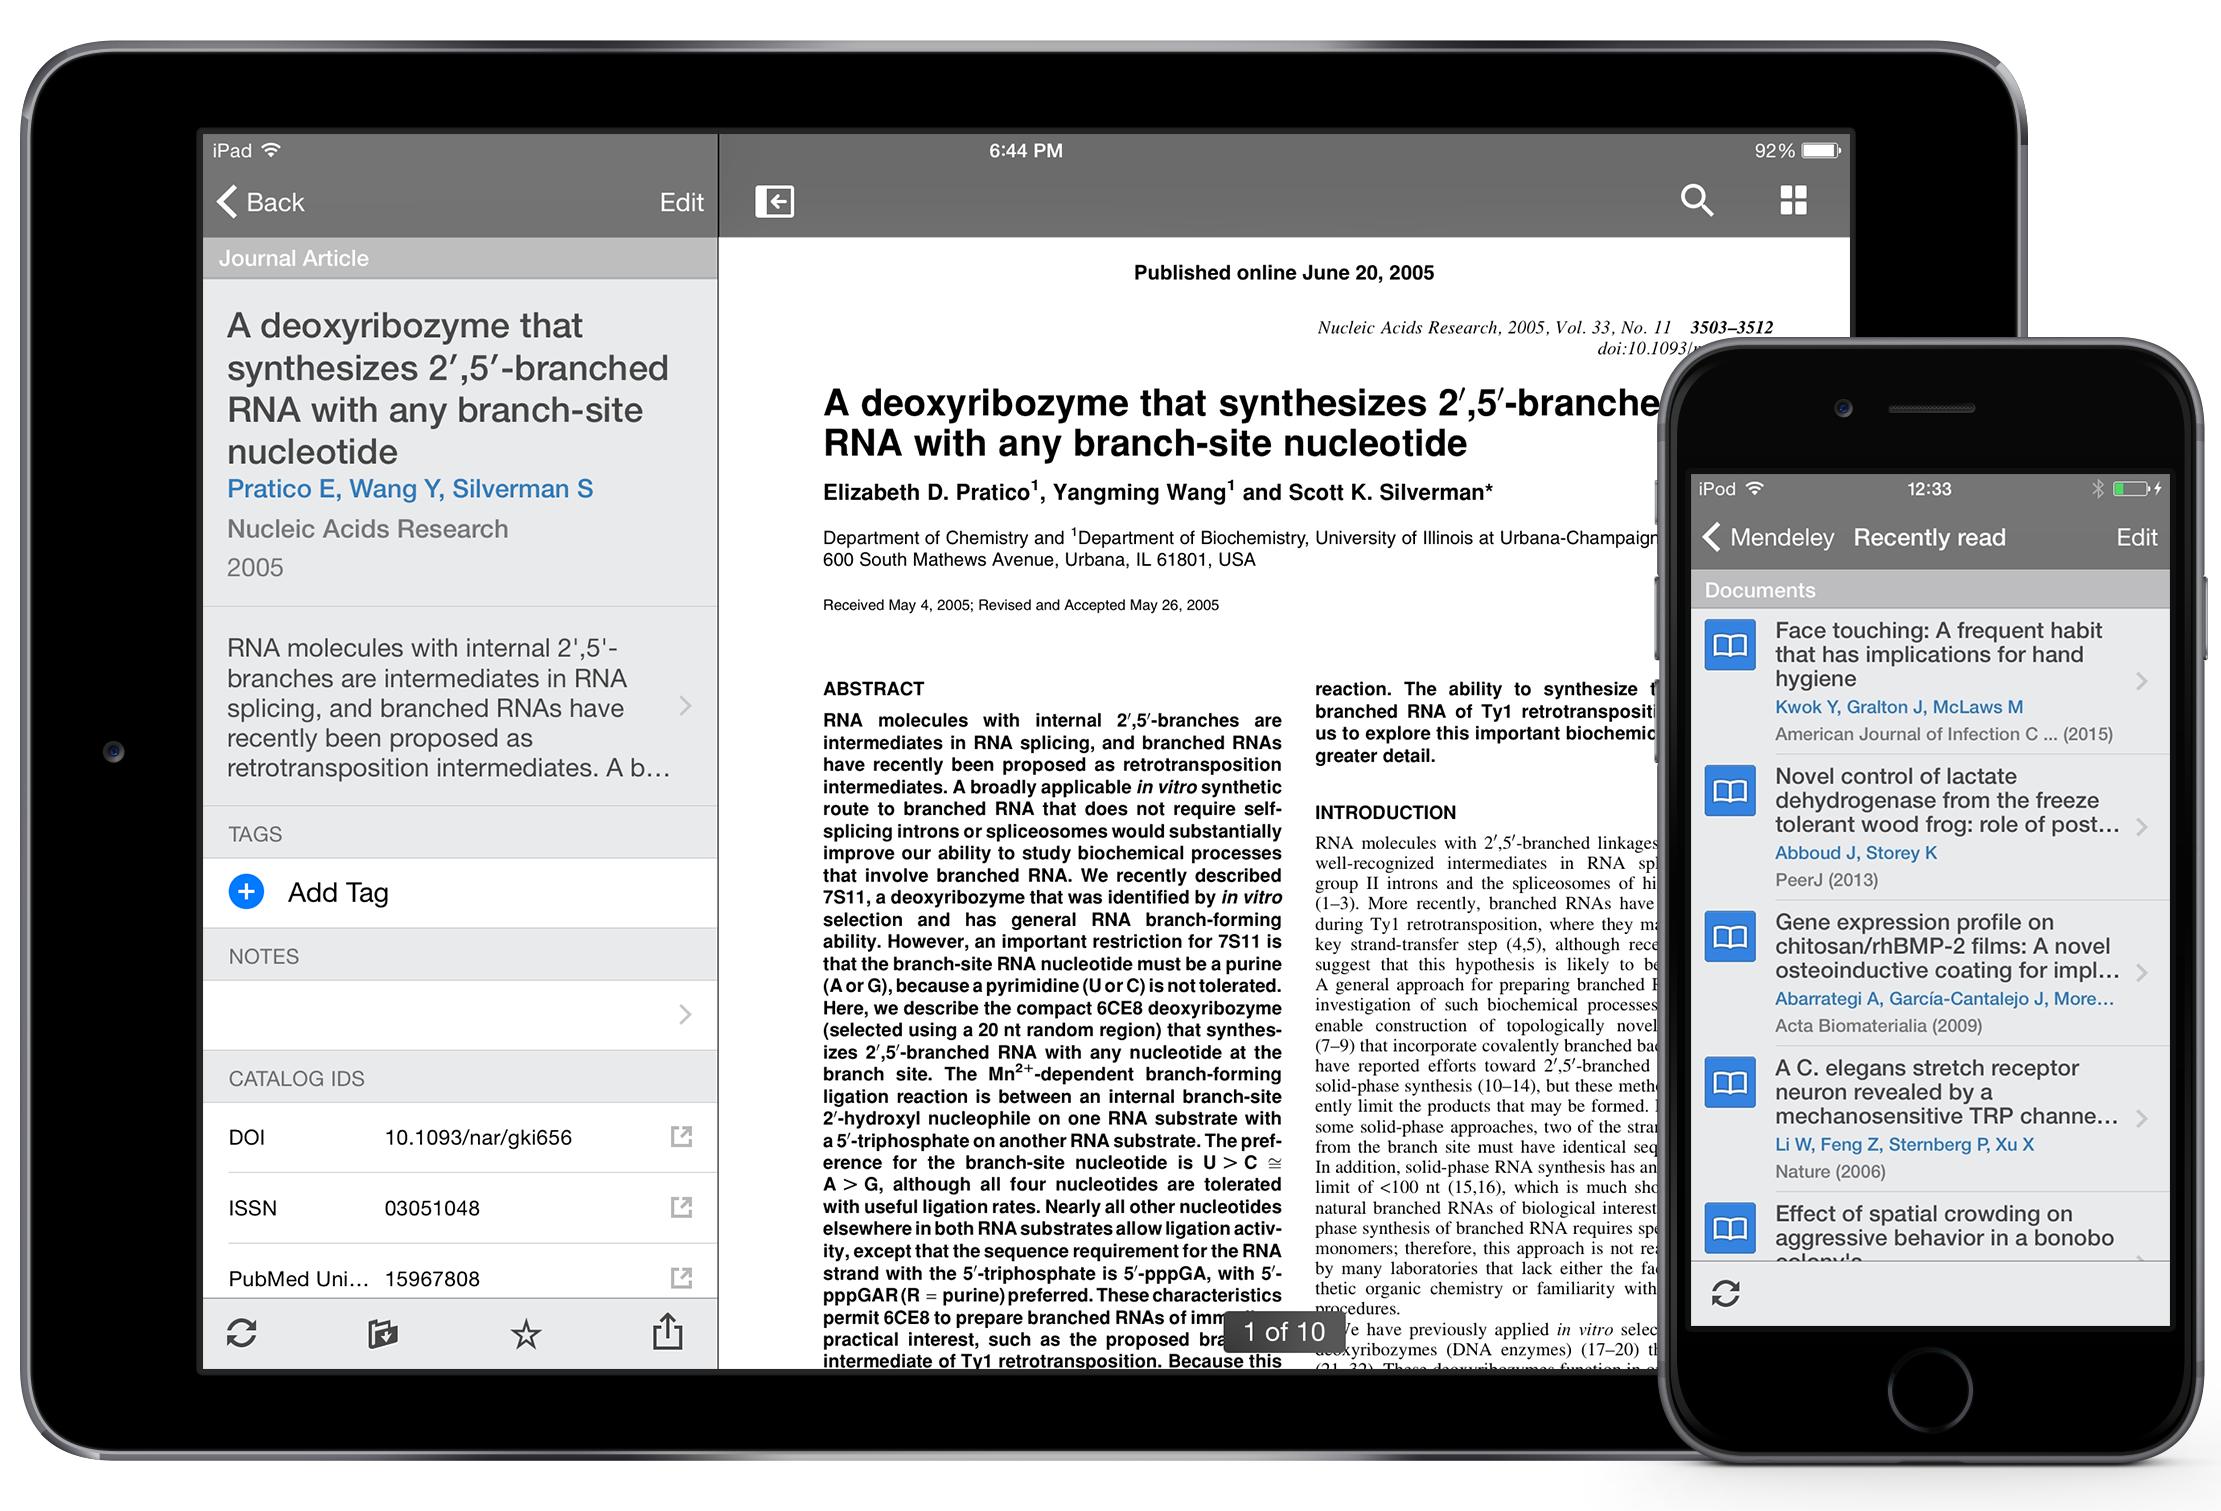 نرم افزار برای مطالعه پی دی اف